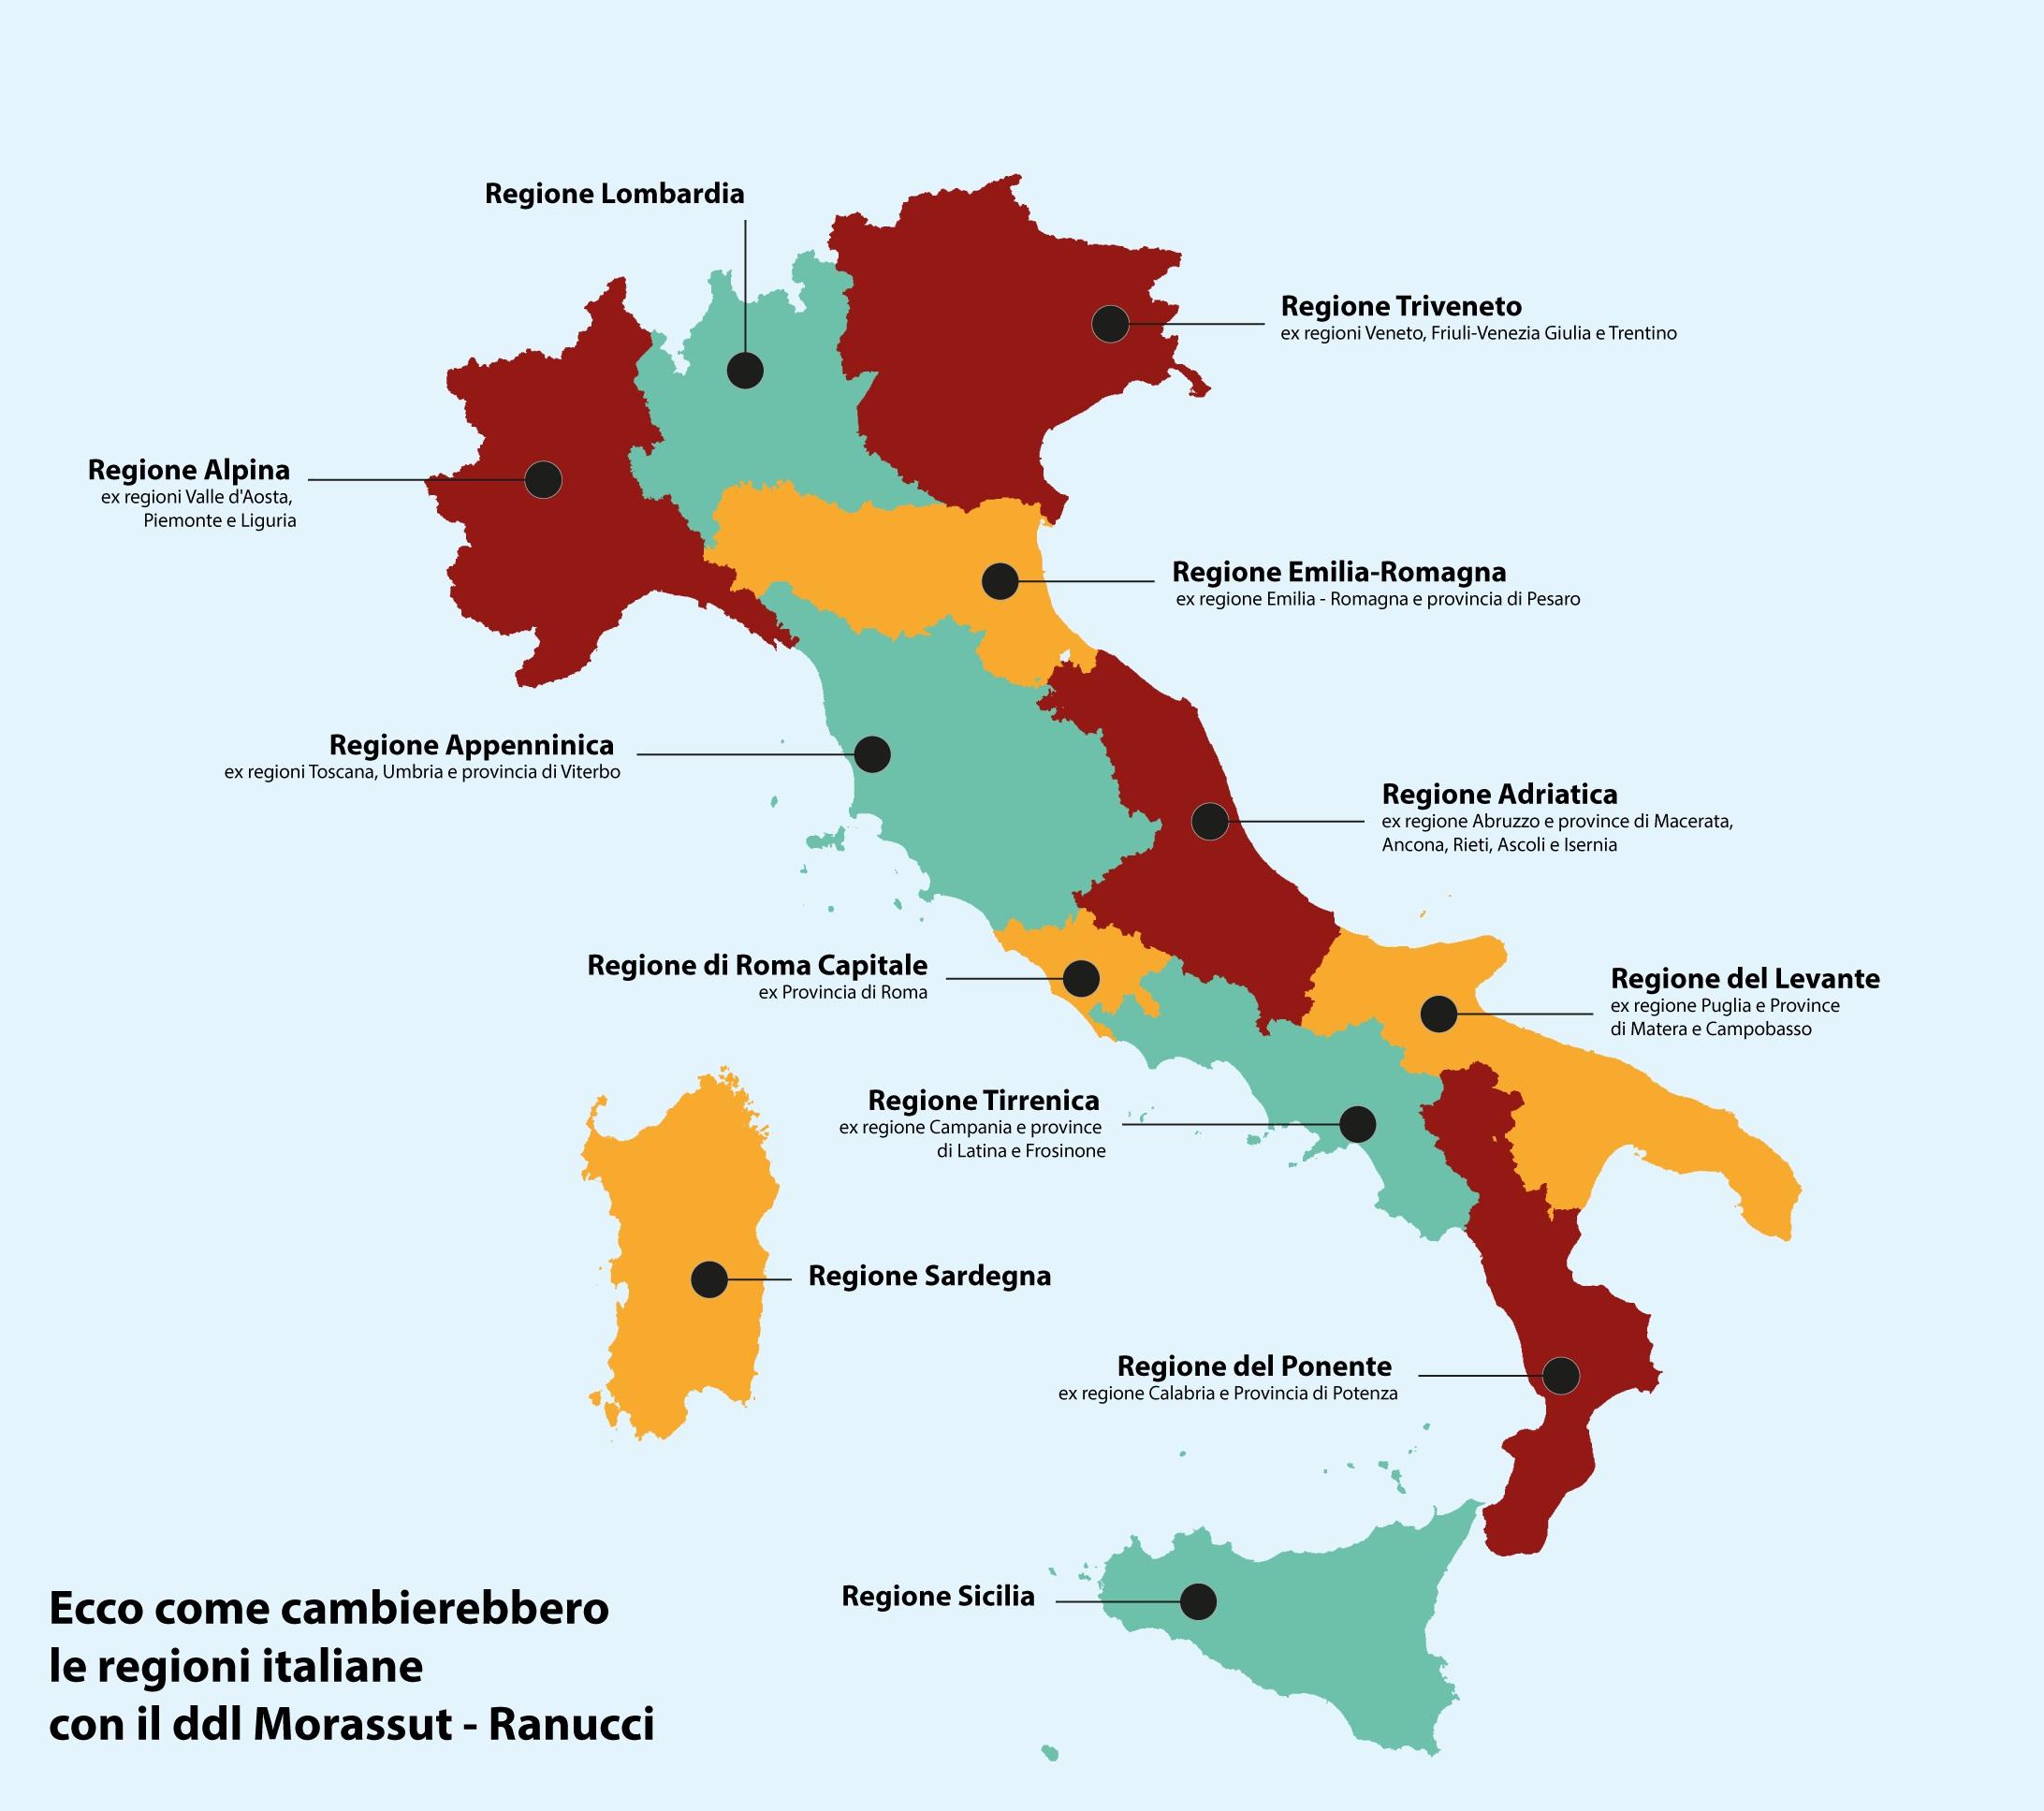 Provincia Di Roma Cartina Geografica.Nuove Regioni E Accorpamenti Ecco Il Dossier Del Governo